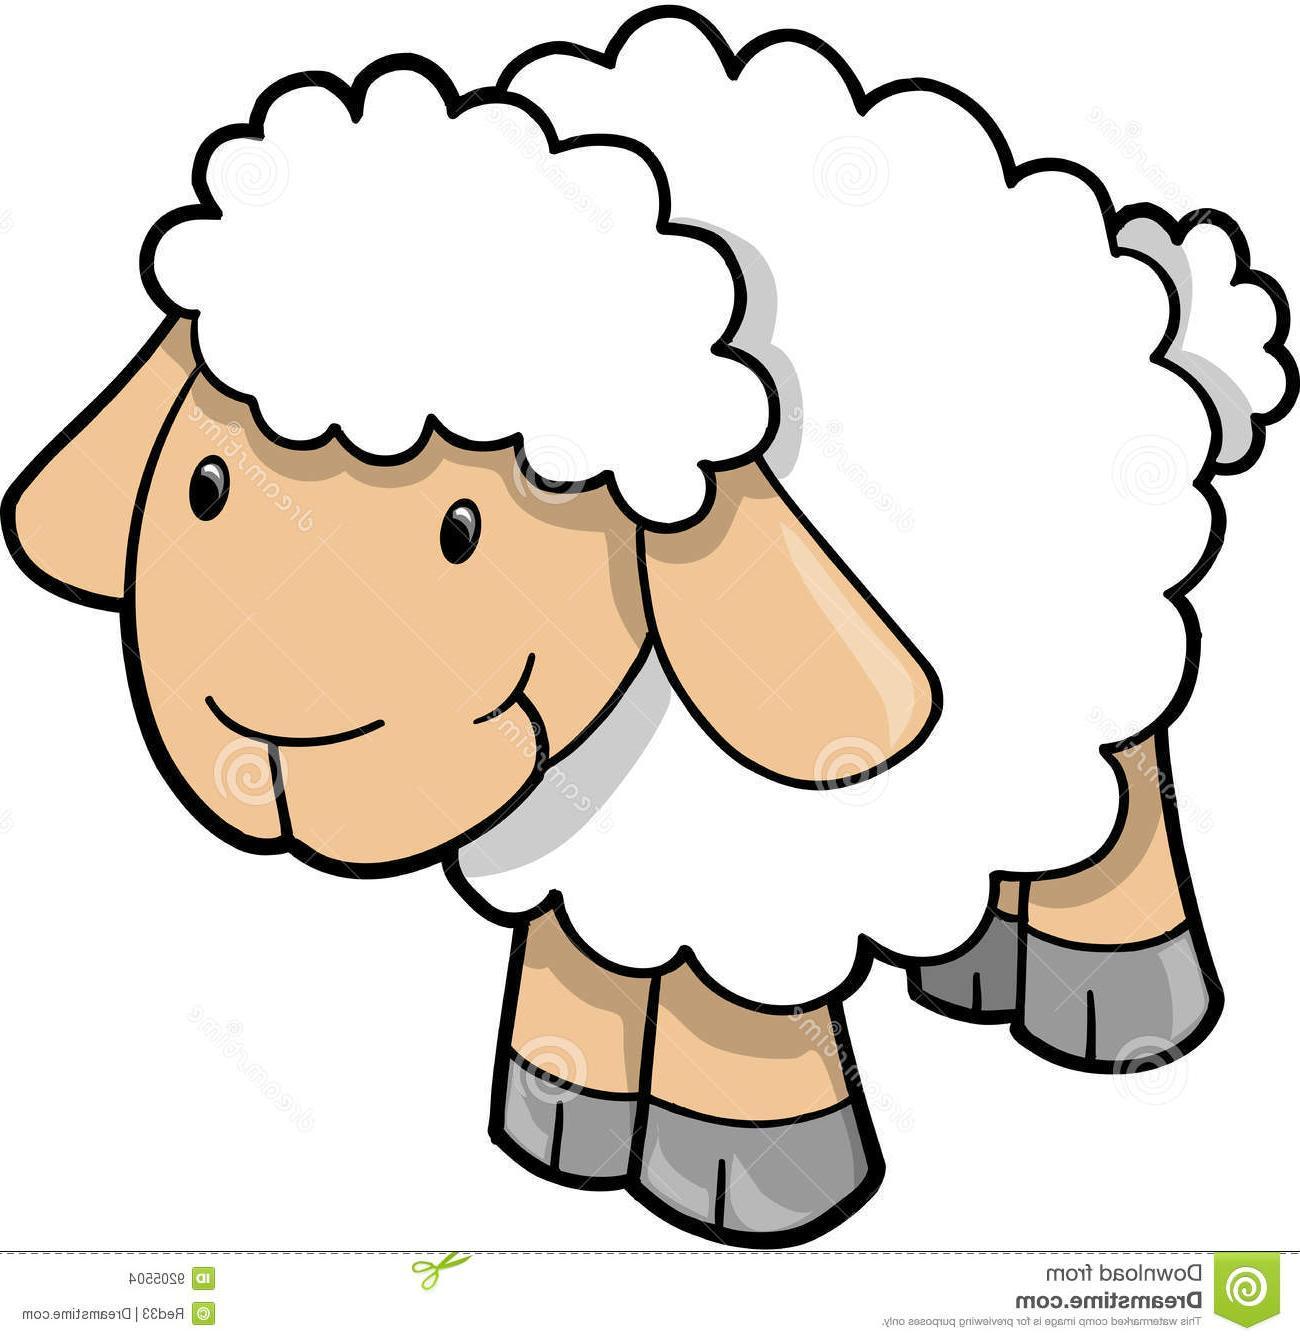 Christian clipart cute. Clip art of sheep